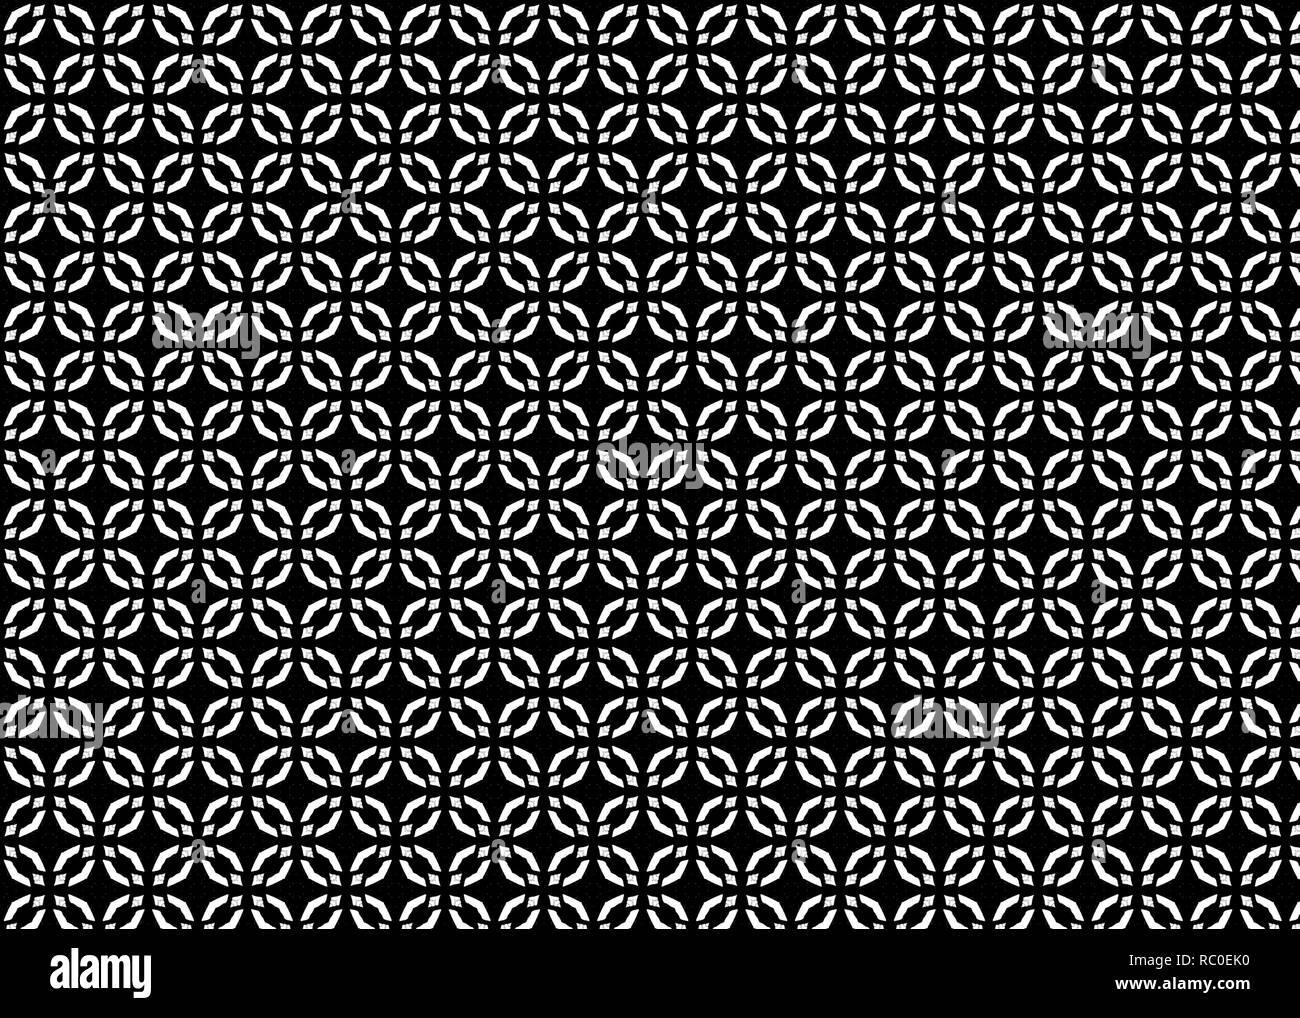 Abstract sfondo nero pattern con forme geometriche. Design moderno Immagini Stock